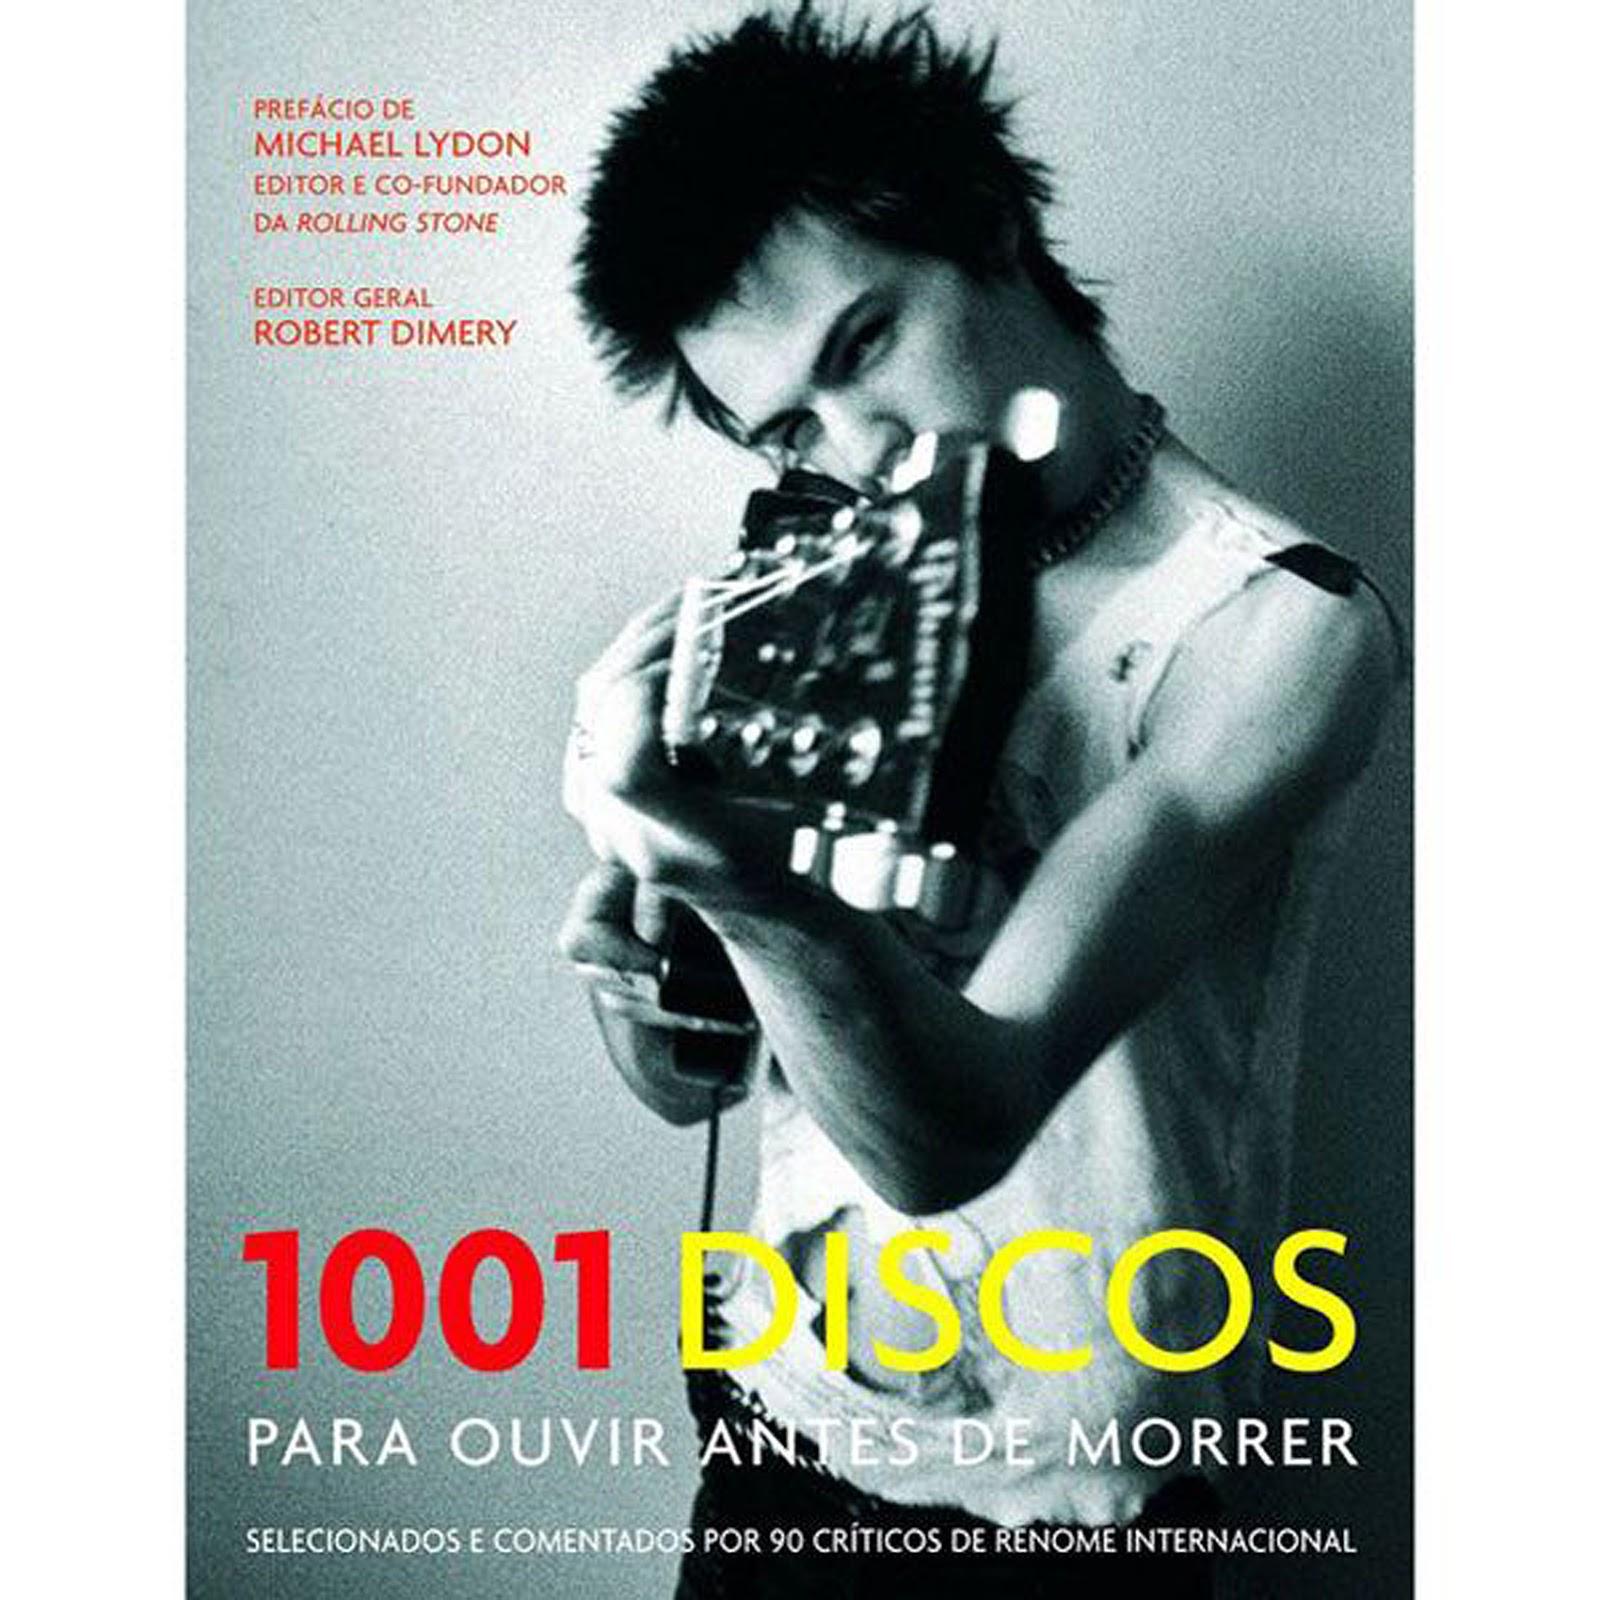 1001 ANTES MORRER PDF BAIXAR PARA DISCOS OUVIR DE